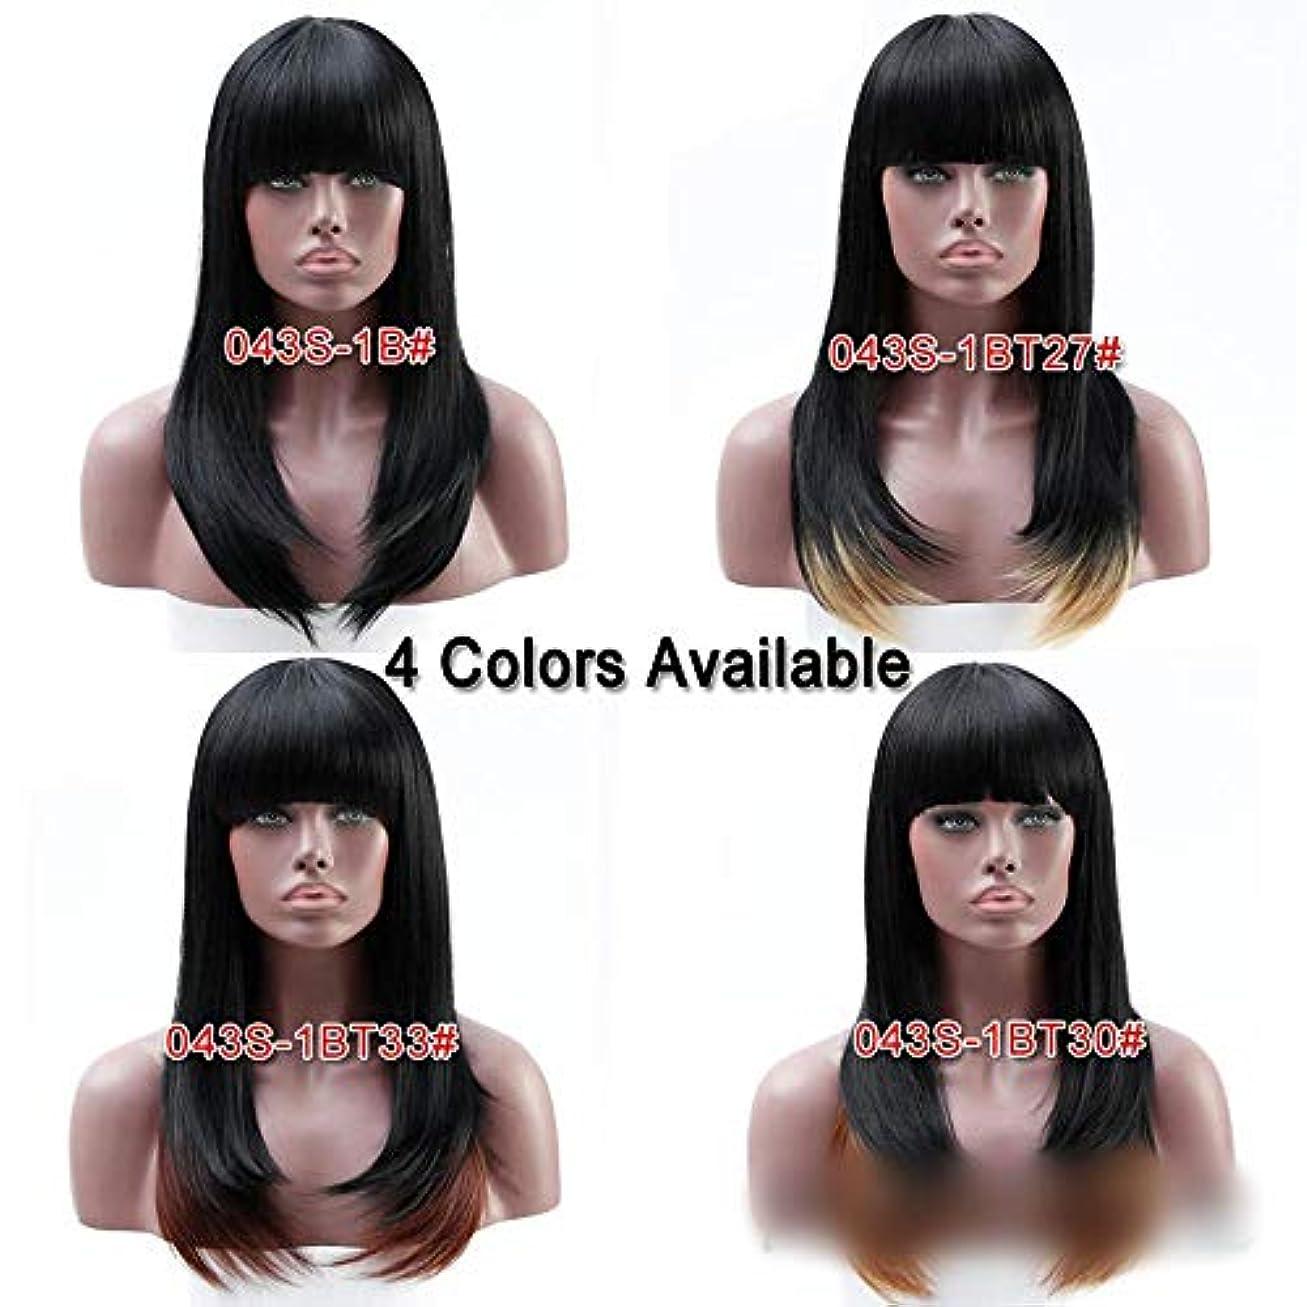 刺激するほとんどない無礼にWASAIO 女性の自然な合成かつらアクセサリーヘアスタイル交換顔グラデーションロングストレート毎日着用 (色 : 1B, サイズ : 20 inches)